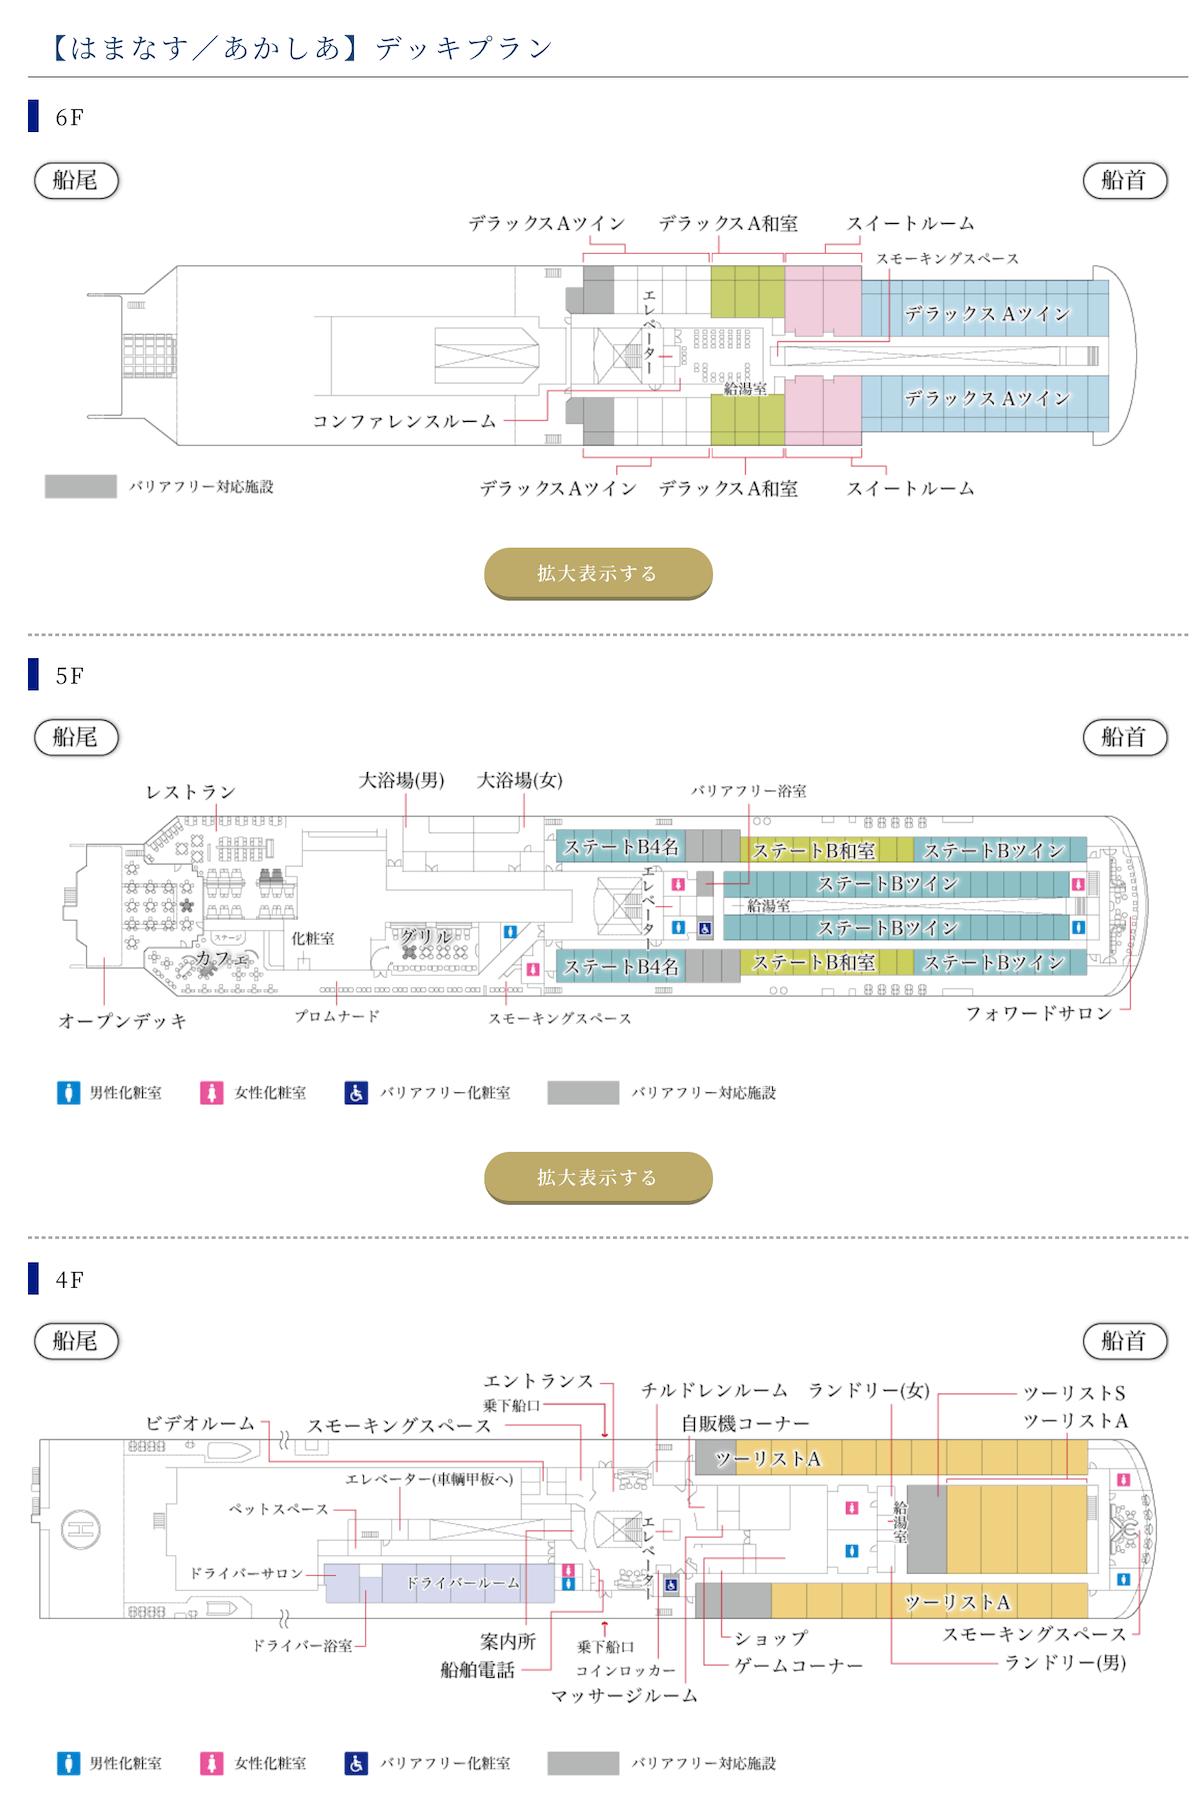 新日本海フェリー デッキプラン